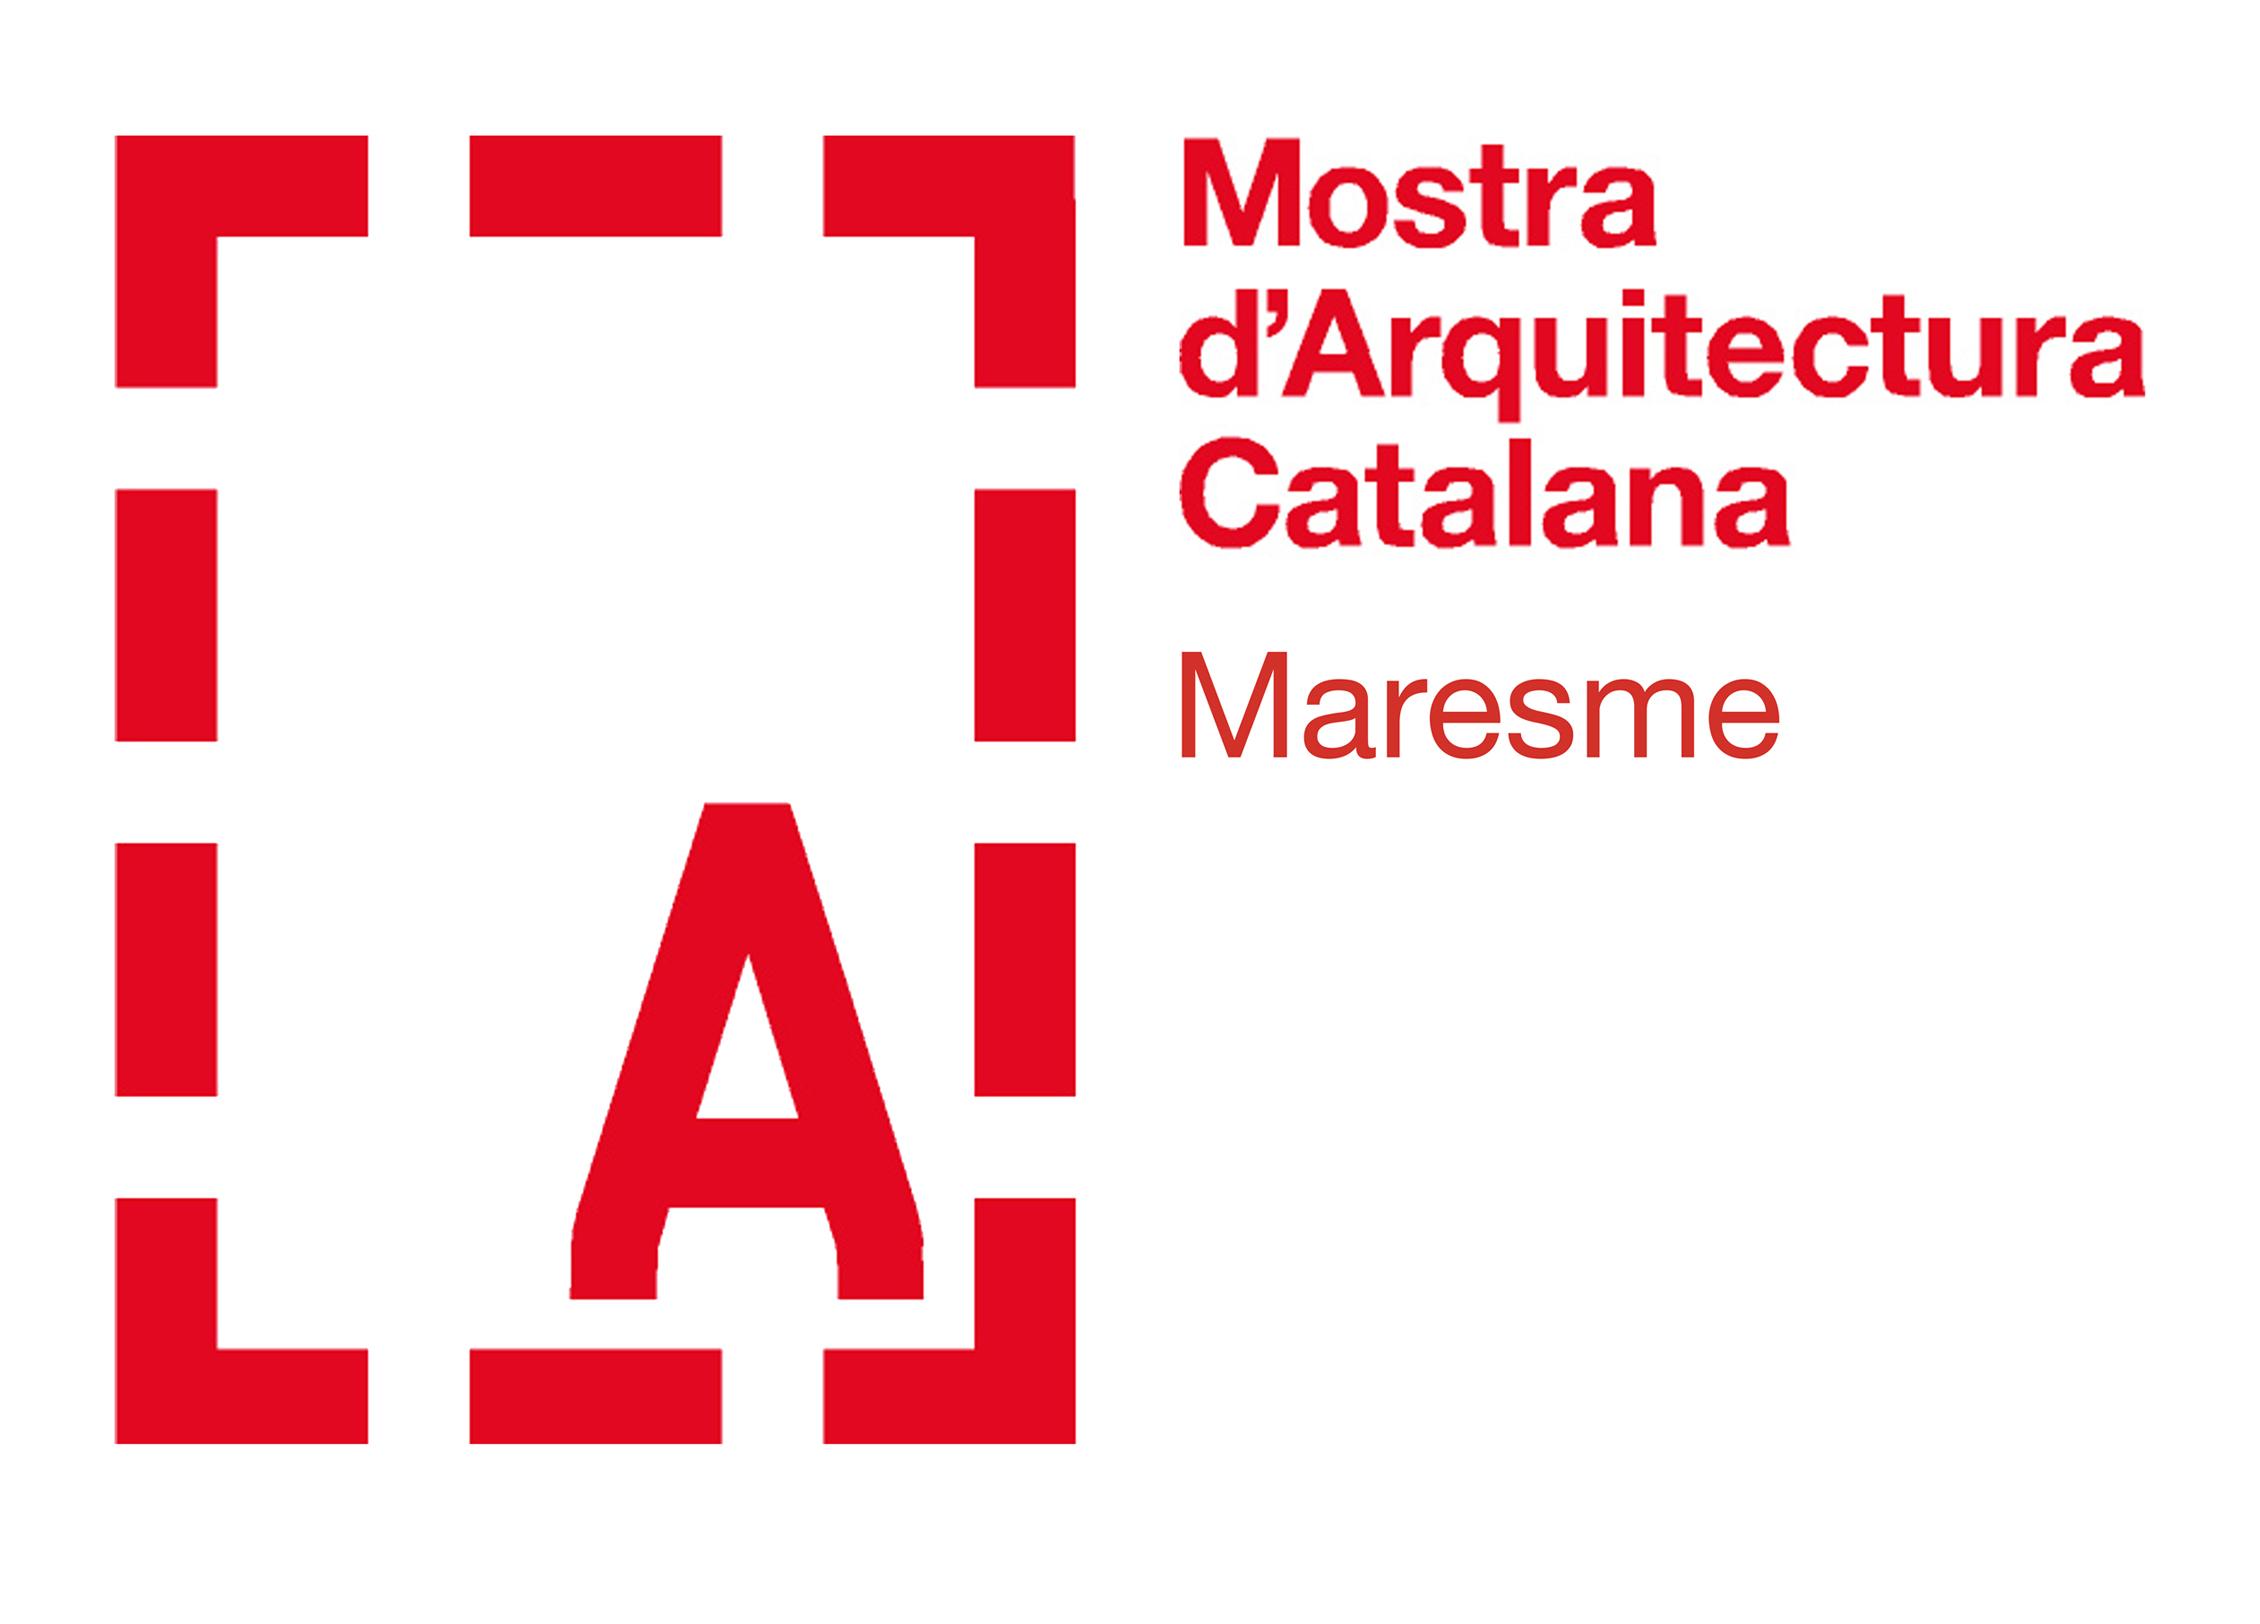 Mostres d'Arquitectura (Maresme)